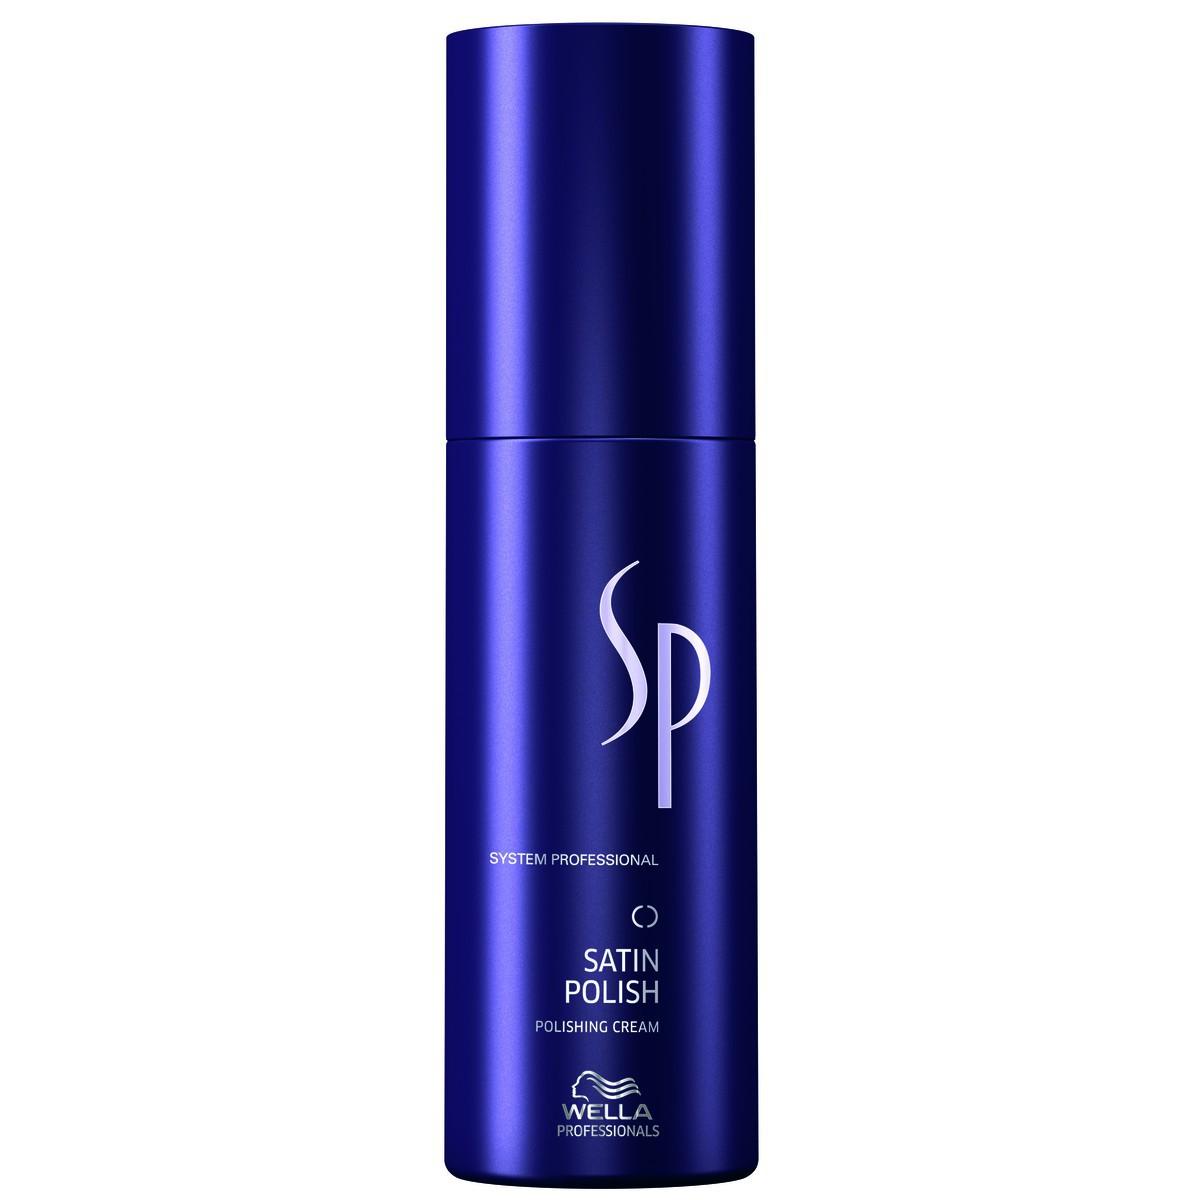 Wella SP Крем для гладкости волос Styling Satin Polish, 75 мл81232369Крем для гладкости волос Wella SP Styling Satin Polish Придаст Вашим волосам элегантный жемчужный блеск, обеспечит мягкость и фиксацию с antifrizz - эффектом. Препятствует образованию локонов.